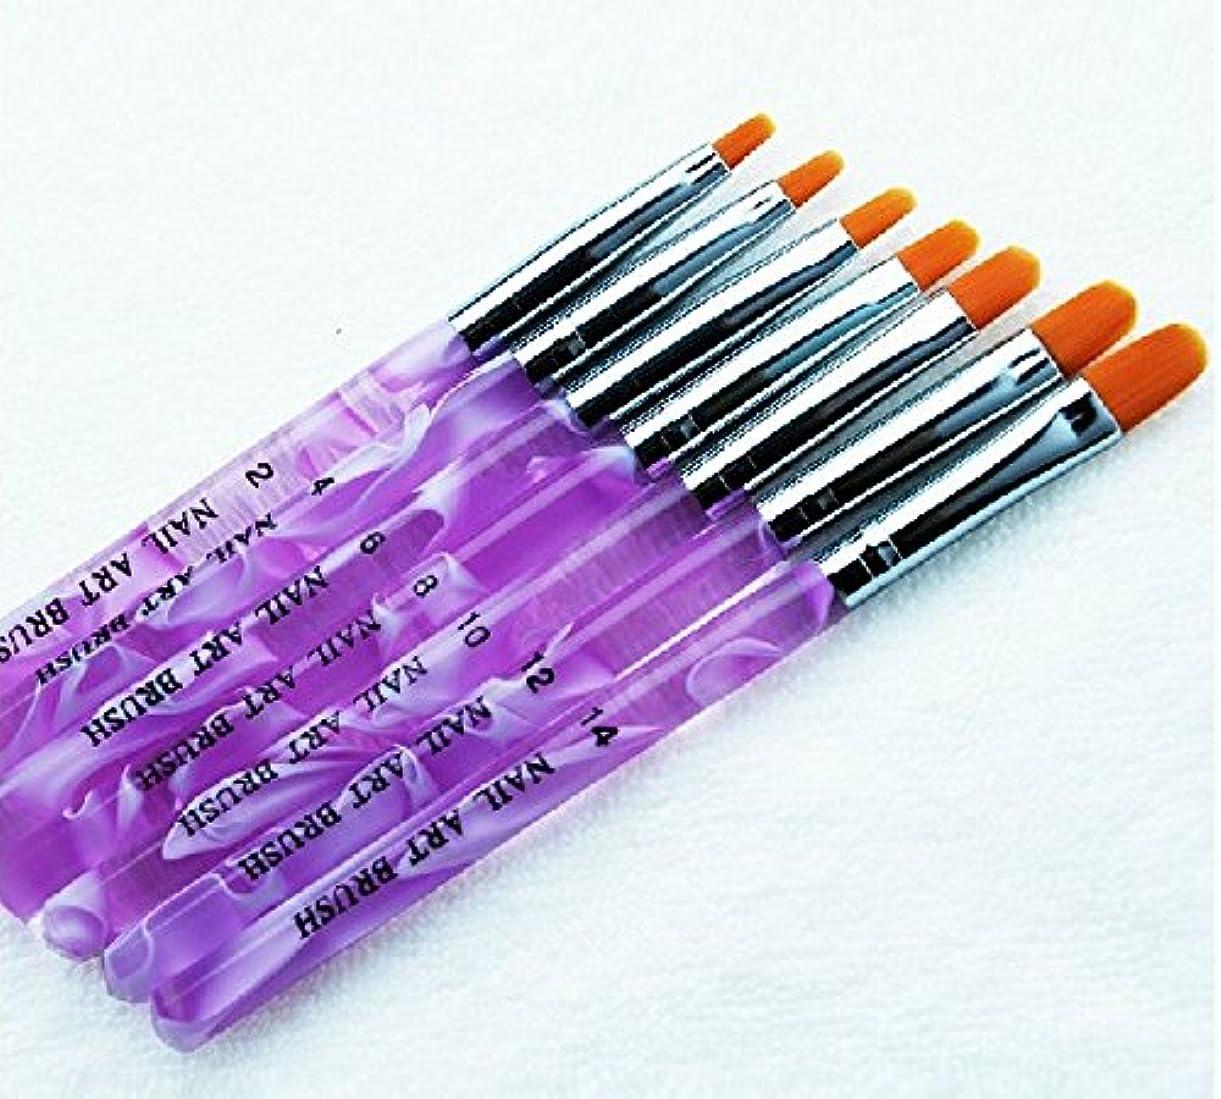 うまくやる()エトナ山不完全POT ジェル ネイルブラシ 7本セット UV用 ジェルブラシ 平筆ブラシ 使い分けに ナンバー 印字 入り